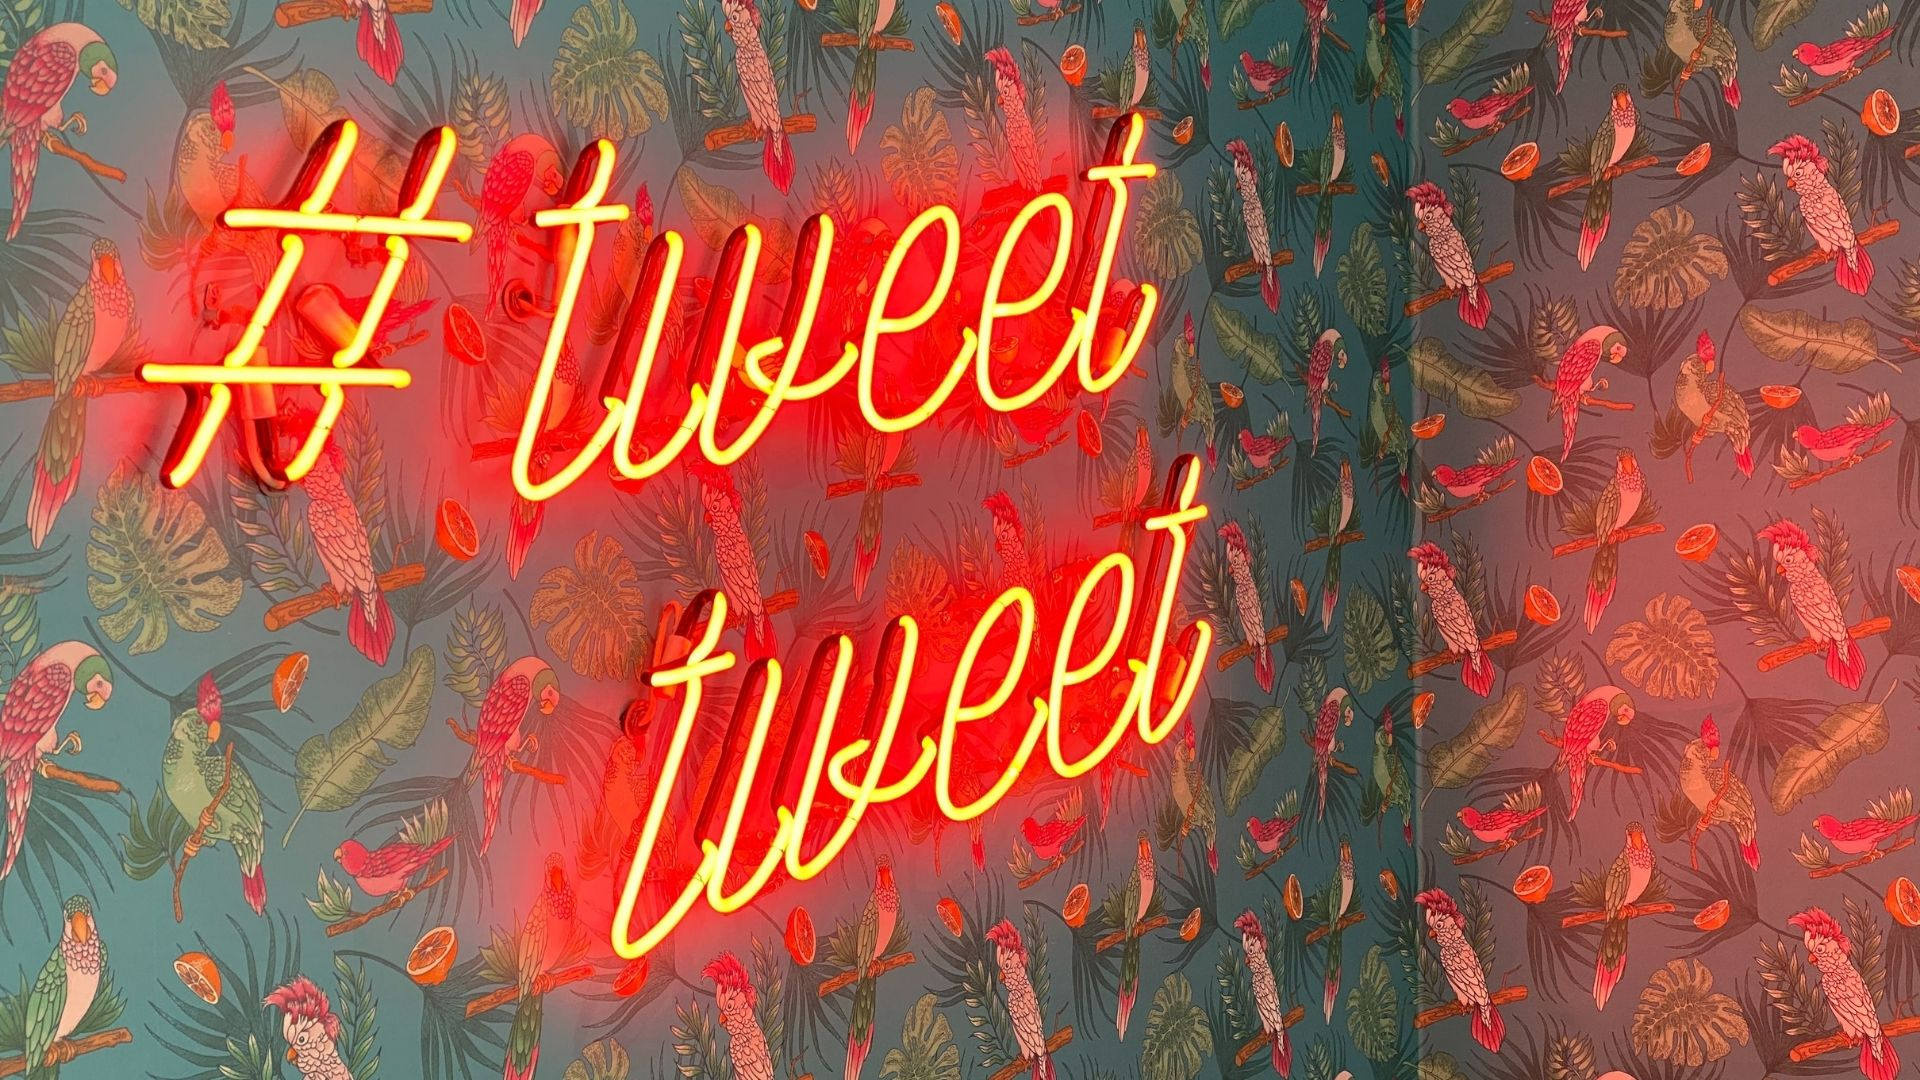 Twitter influencer wall